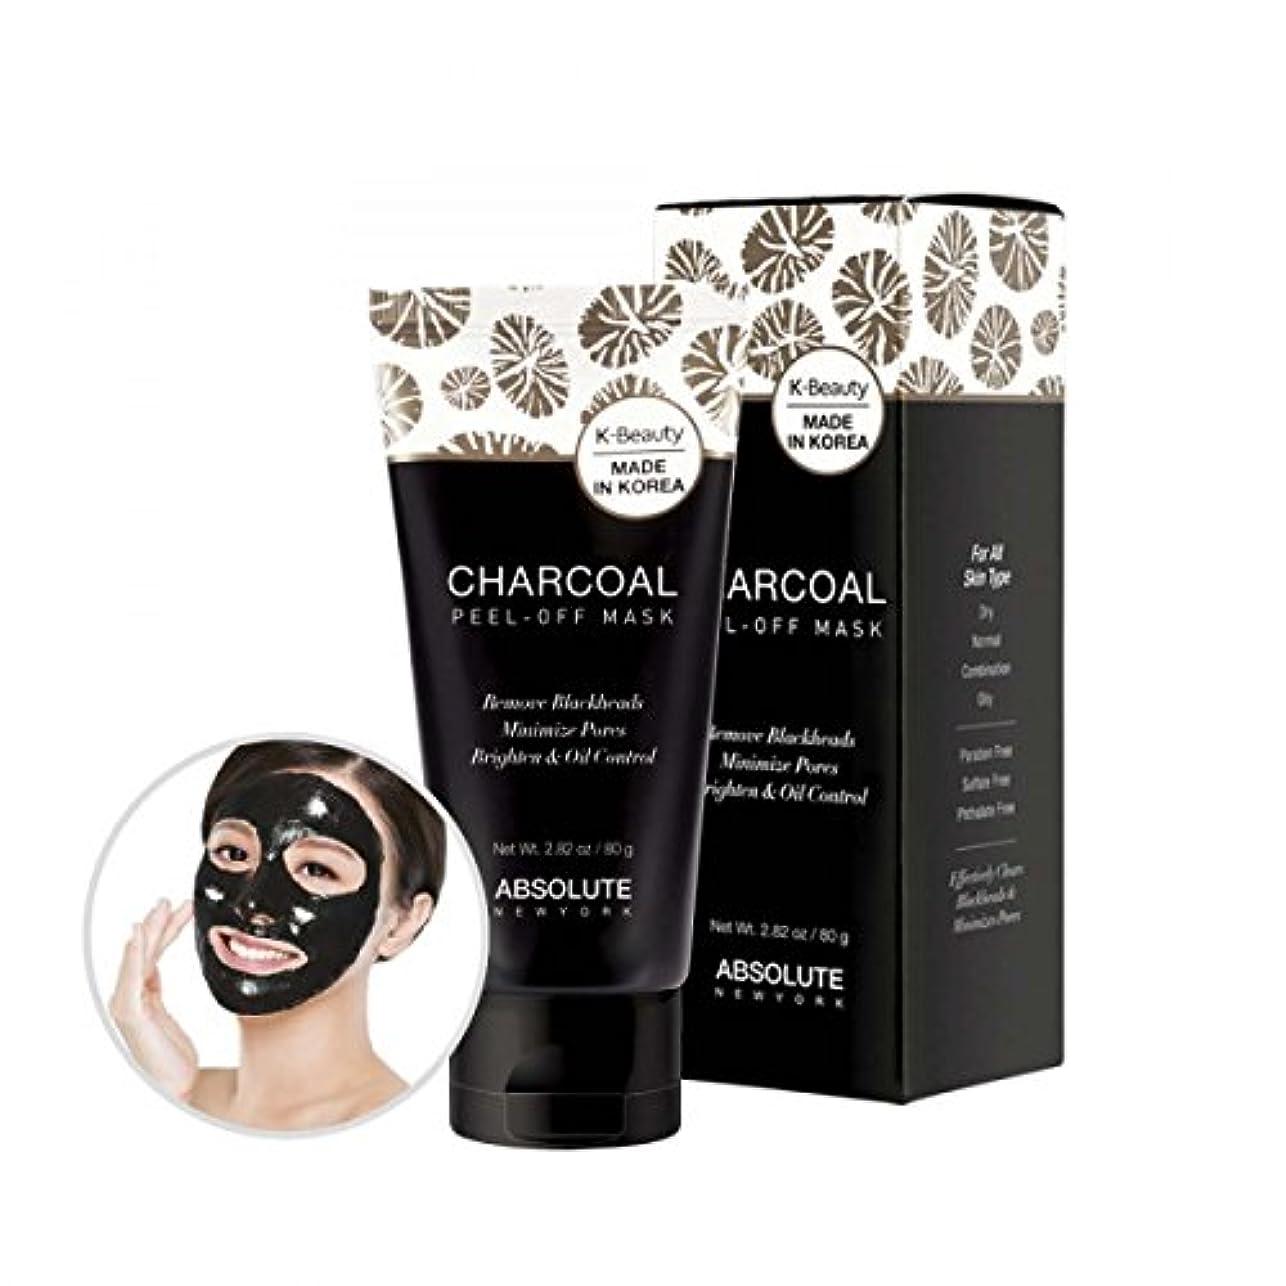 強化本質的に証拠ABSOLUTE Charcoal Peel-Off Mask (並行輸入品)